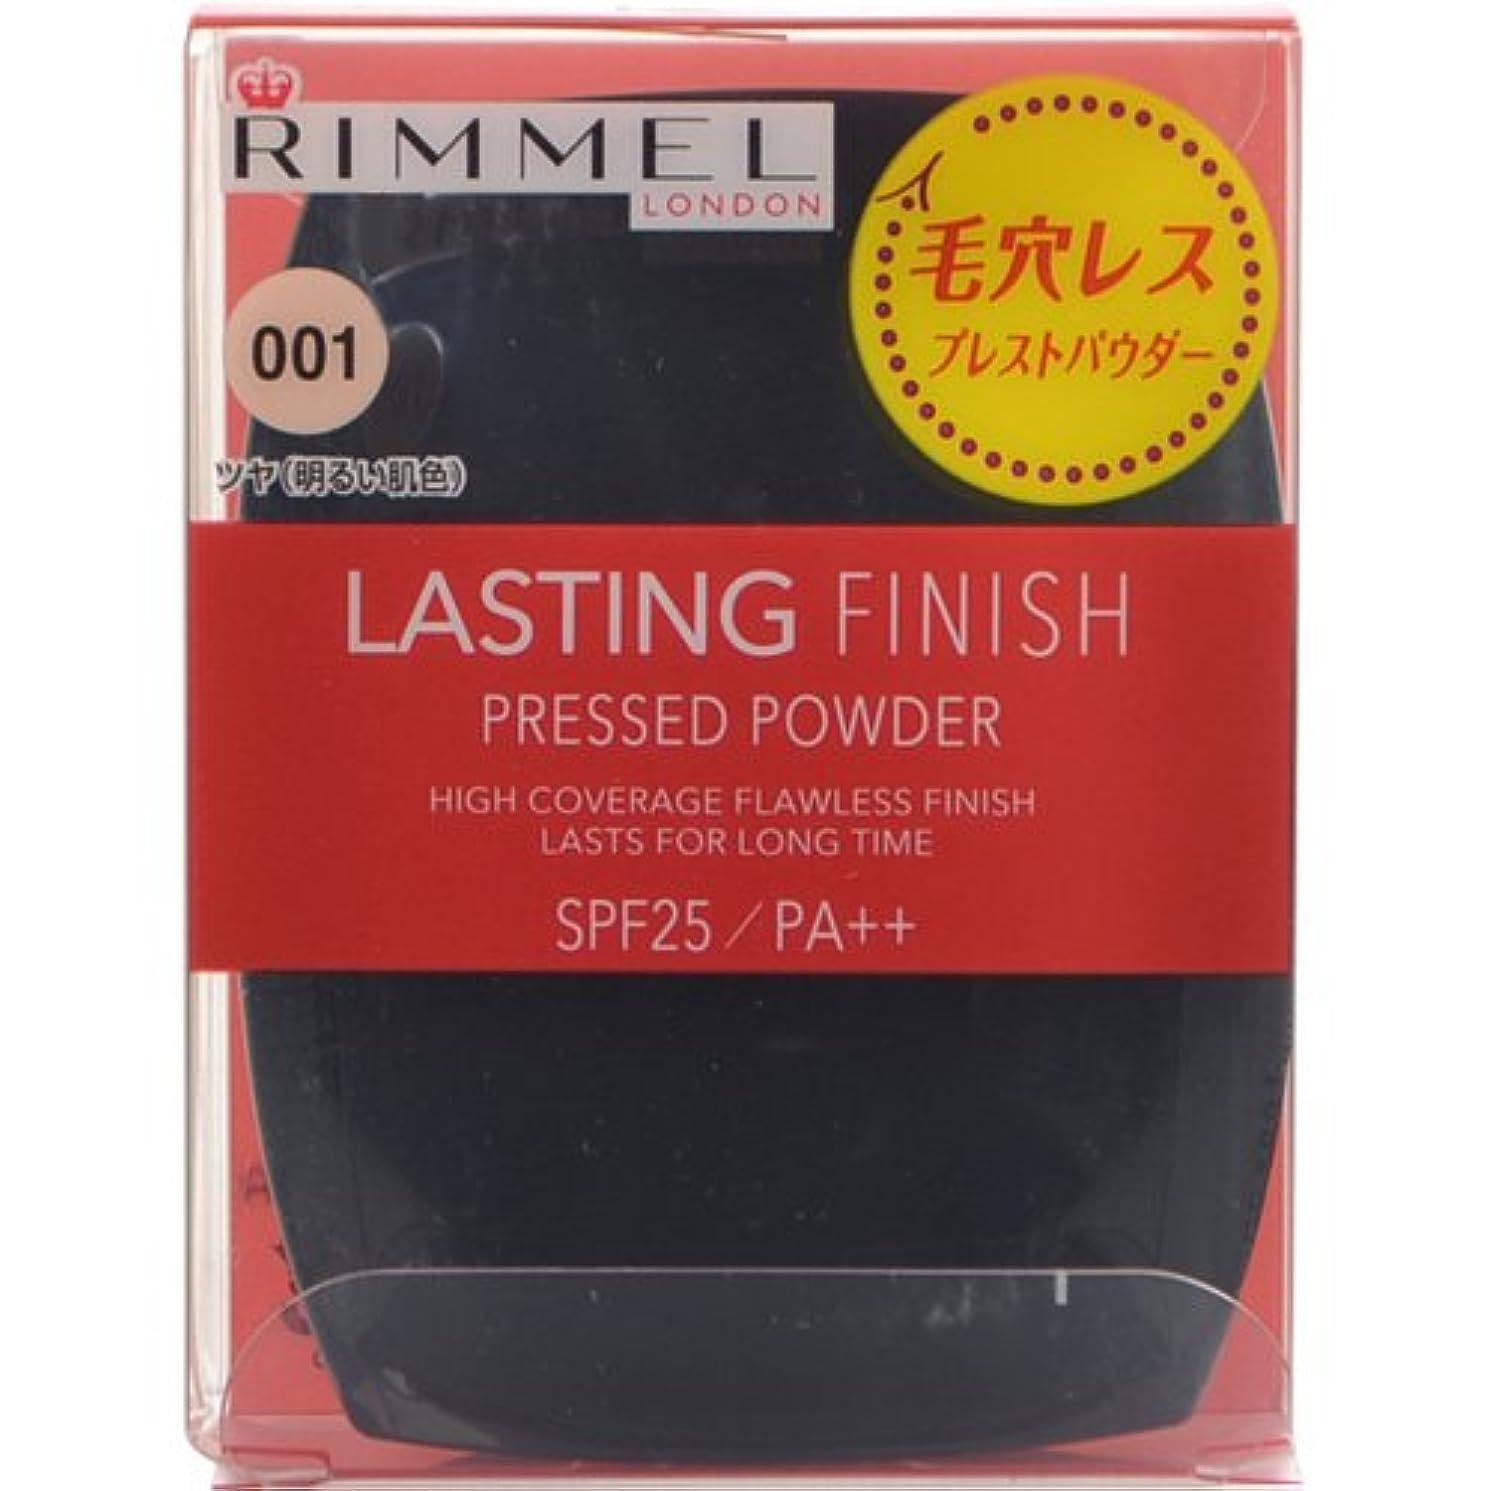 しみカバー損傷リンメル ラスティングプレストパウダー001 明るい肌色ツヤ肌 7g SPF25?PA++